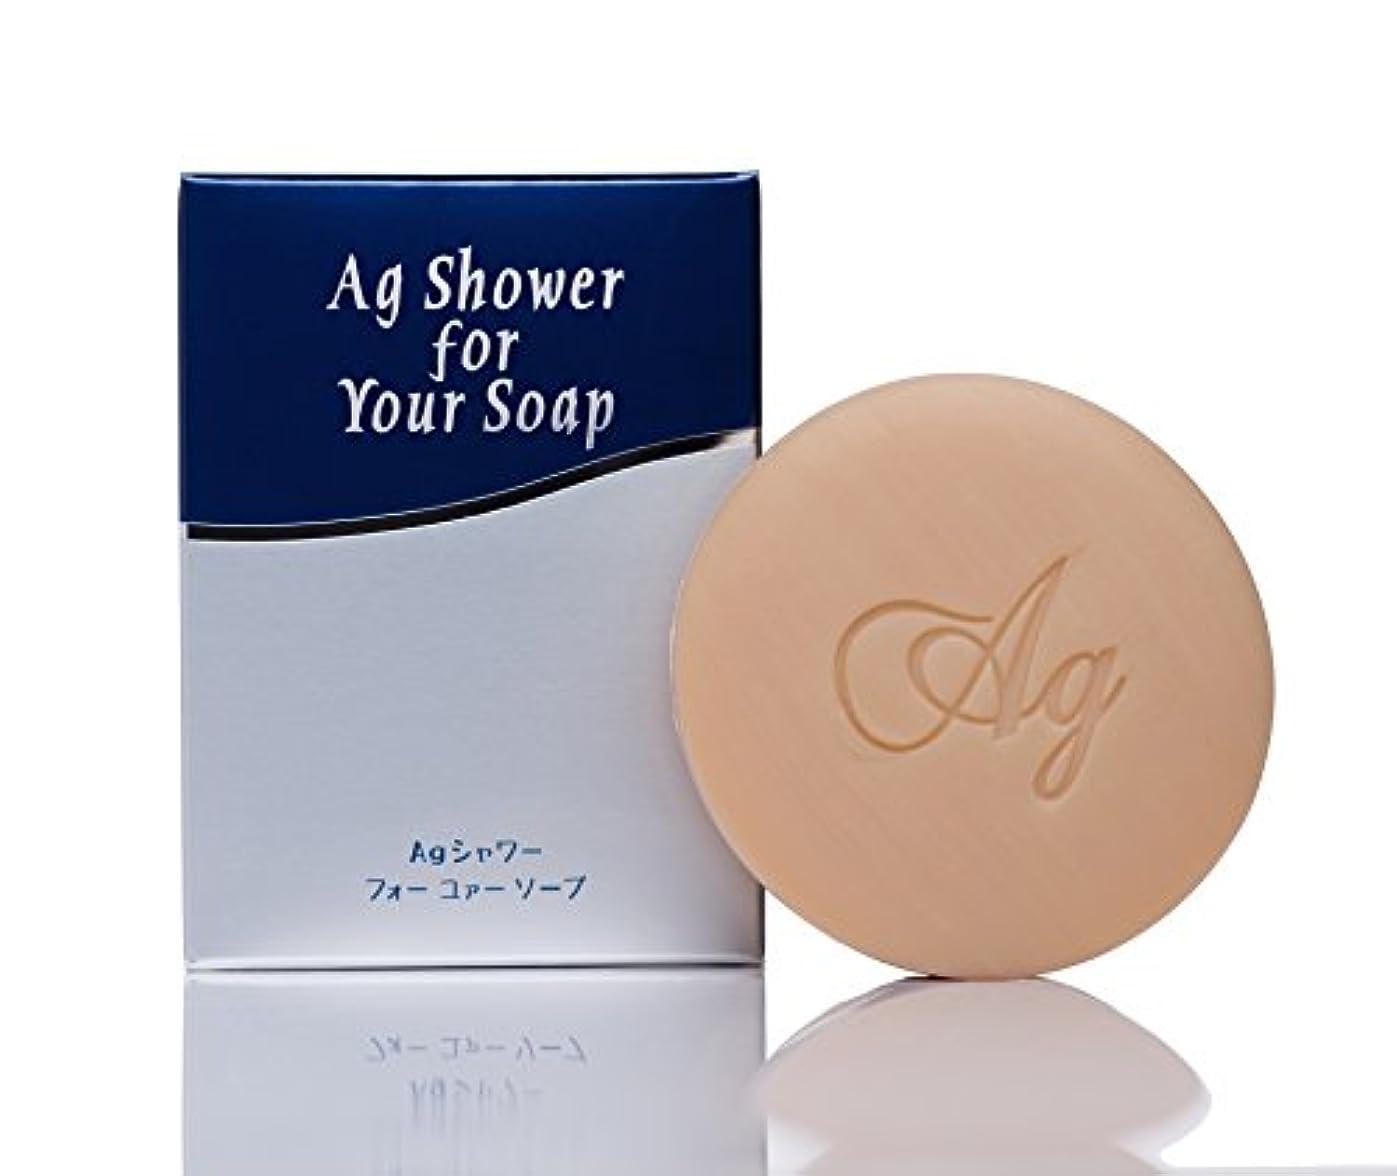 絶え間ない解任解き明かすスキンケアー石鹸 Agシャワーフォーユァーソープ 消臭?抗菌 100g